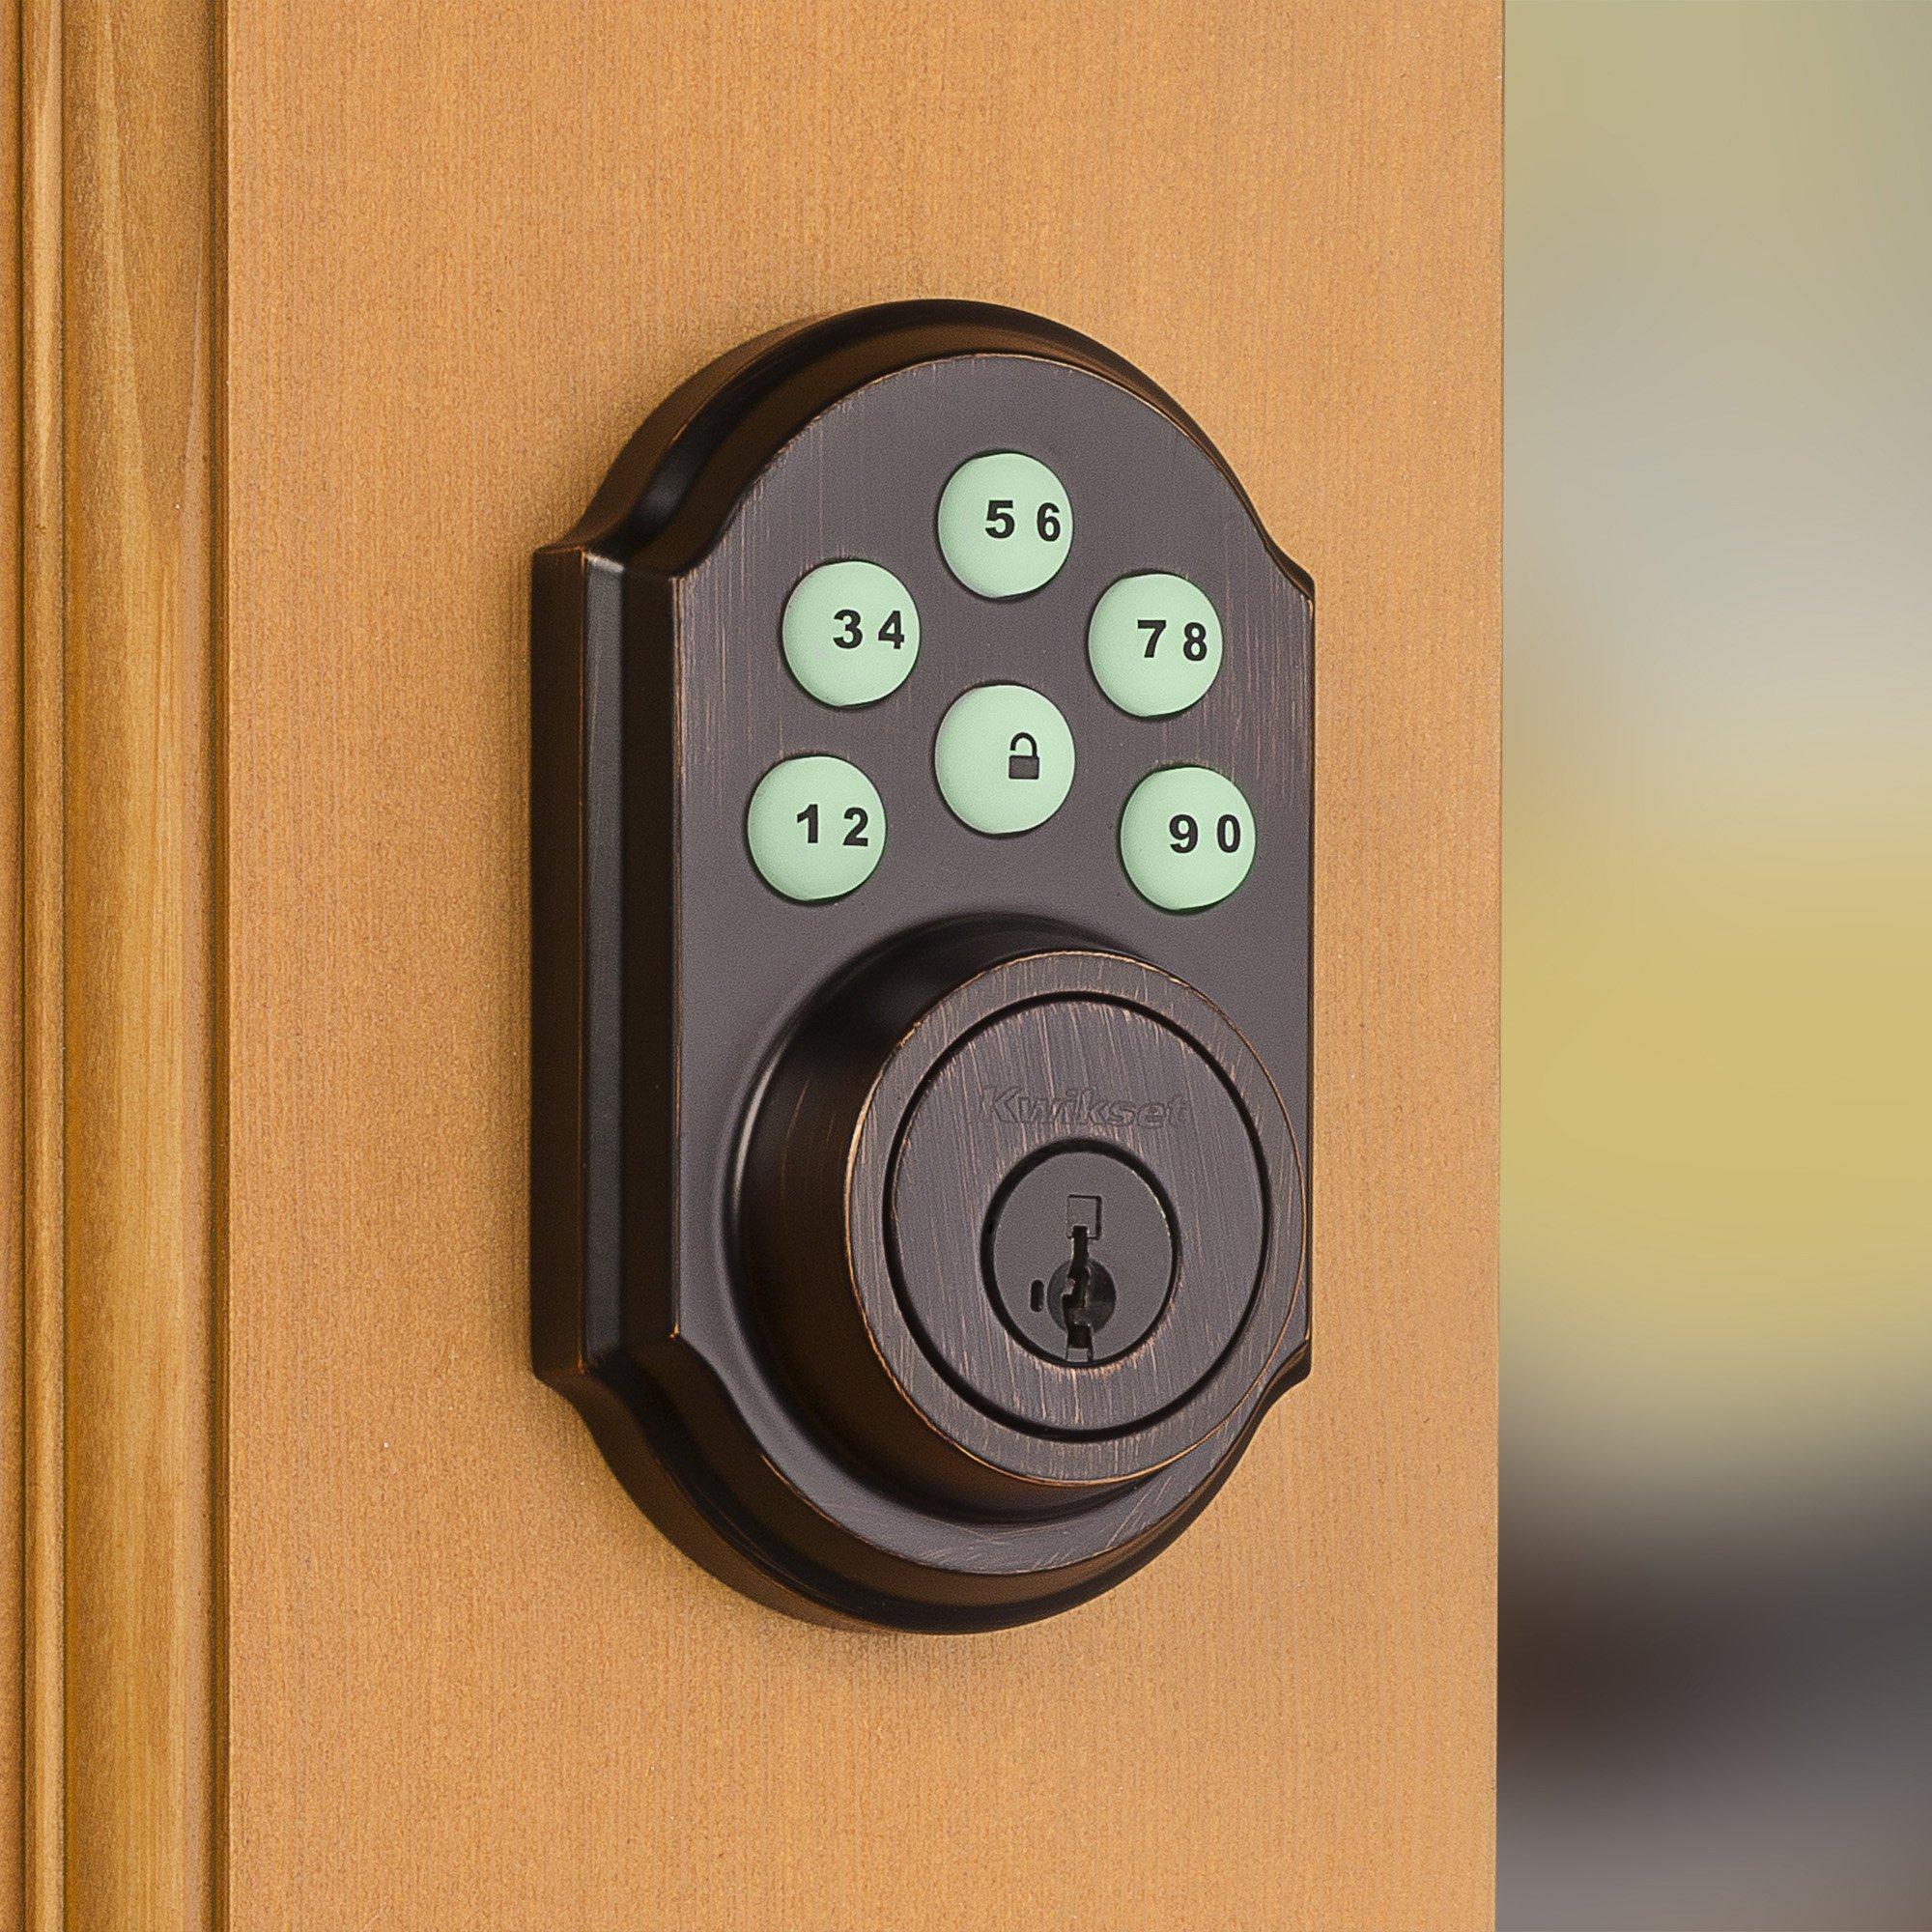 Kwikset 99100-045 SmartCode ZigBee Touchpad Smart Lock works with Echo Plus & Alexa, featuring SmartKey, Venetian Bronze by Kwikset (Image #5)